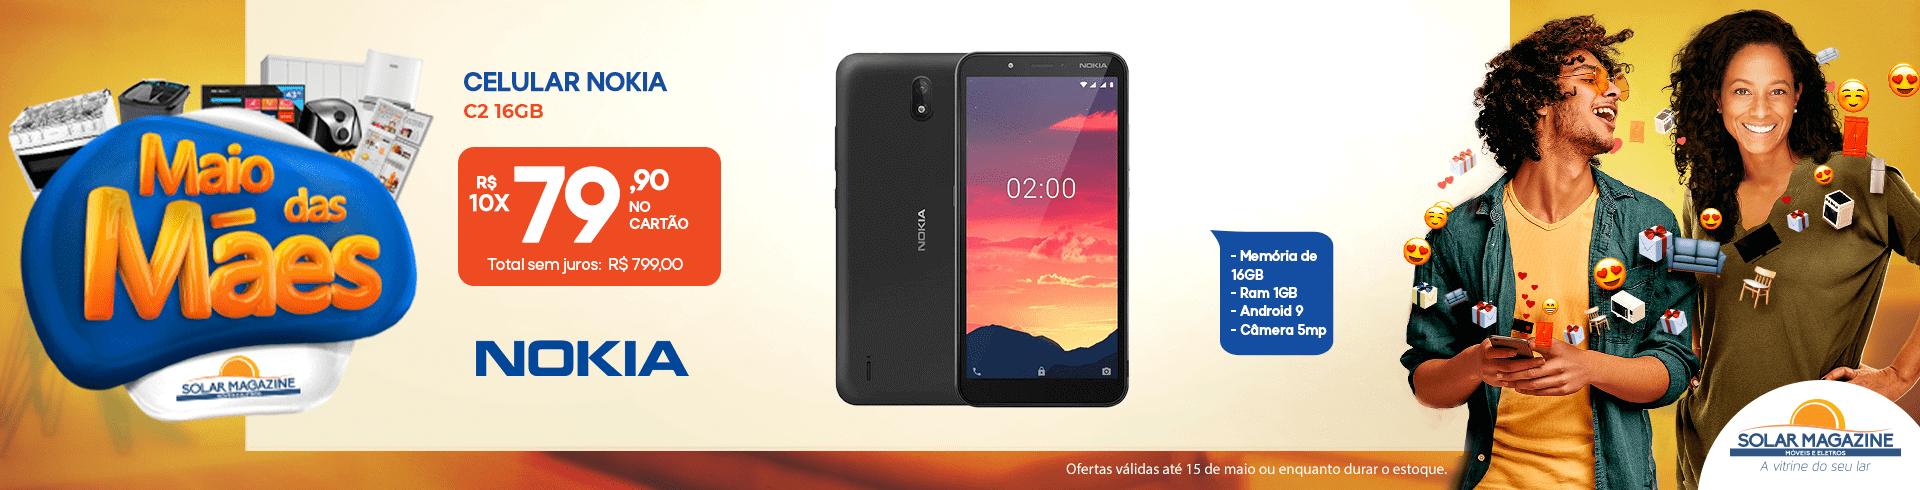 Celular C2 - Nokia - 01-05 à 31-05-2021